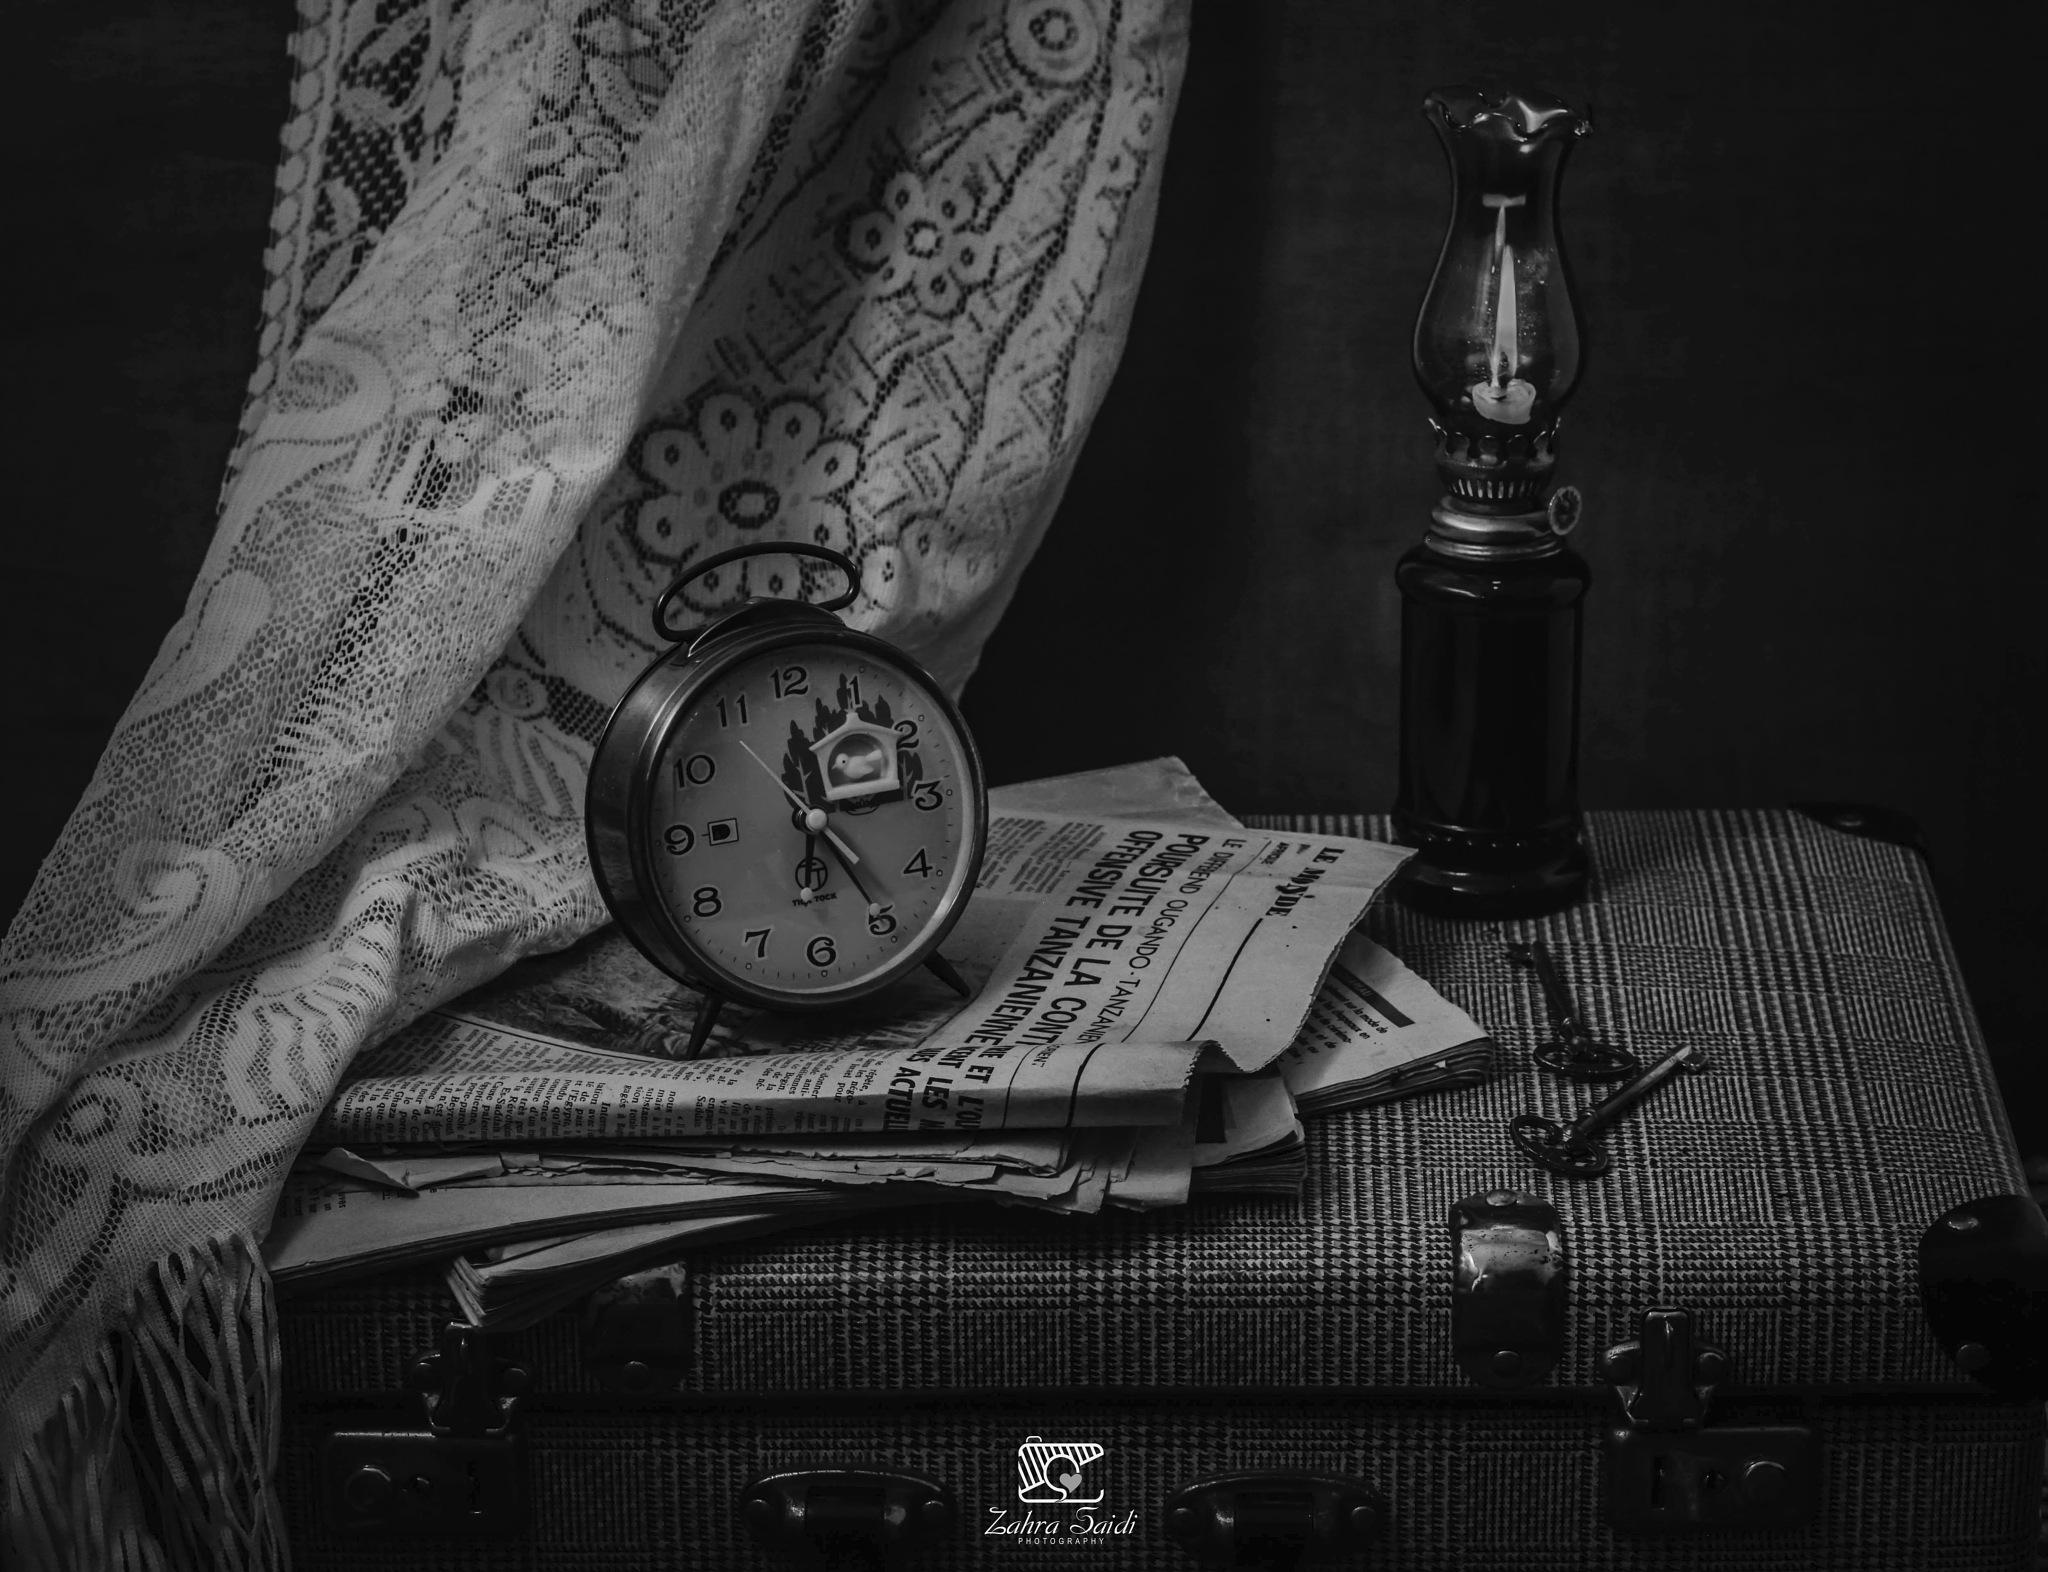 Untitled by fatima zahra saidi